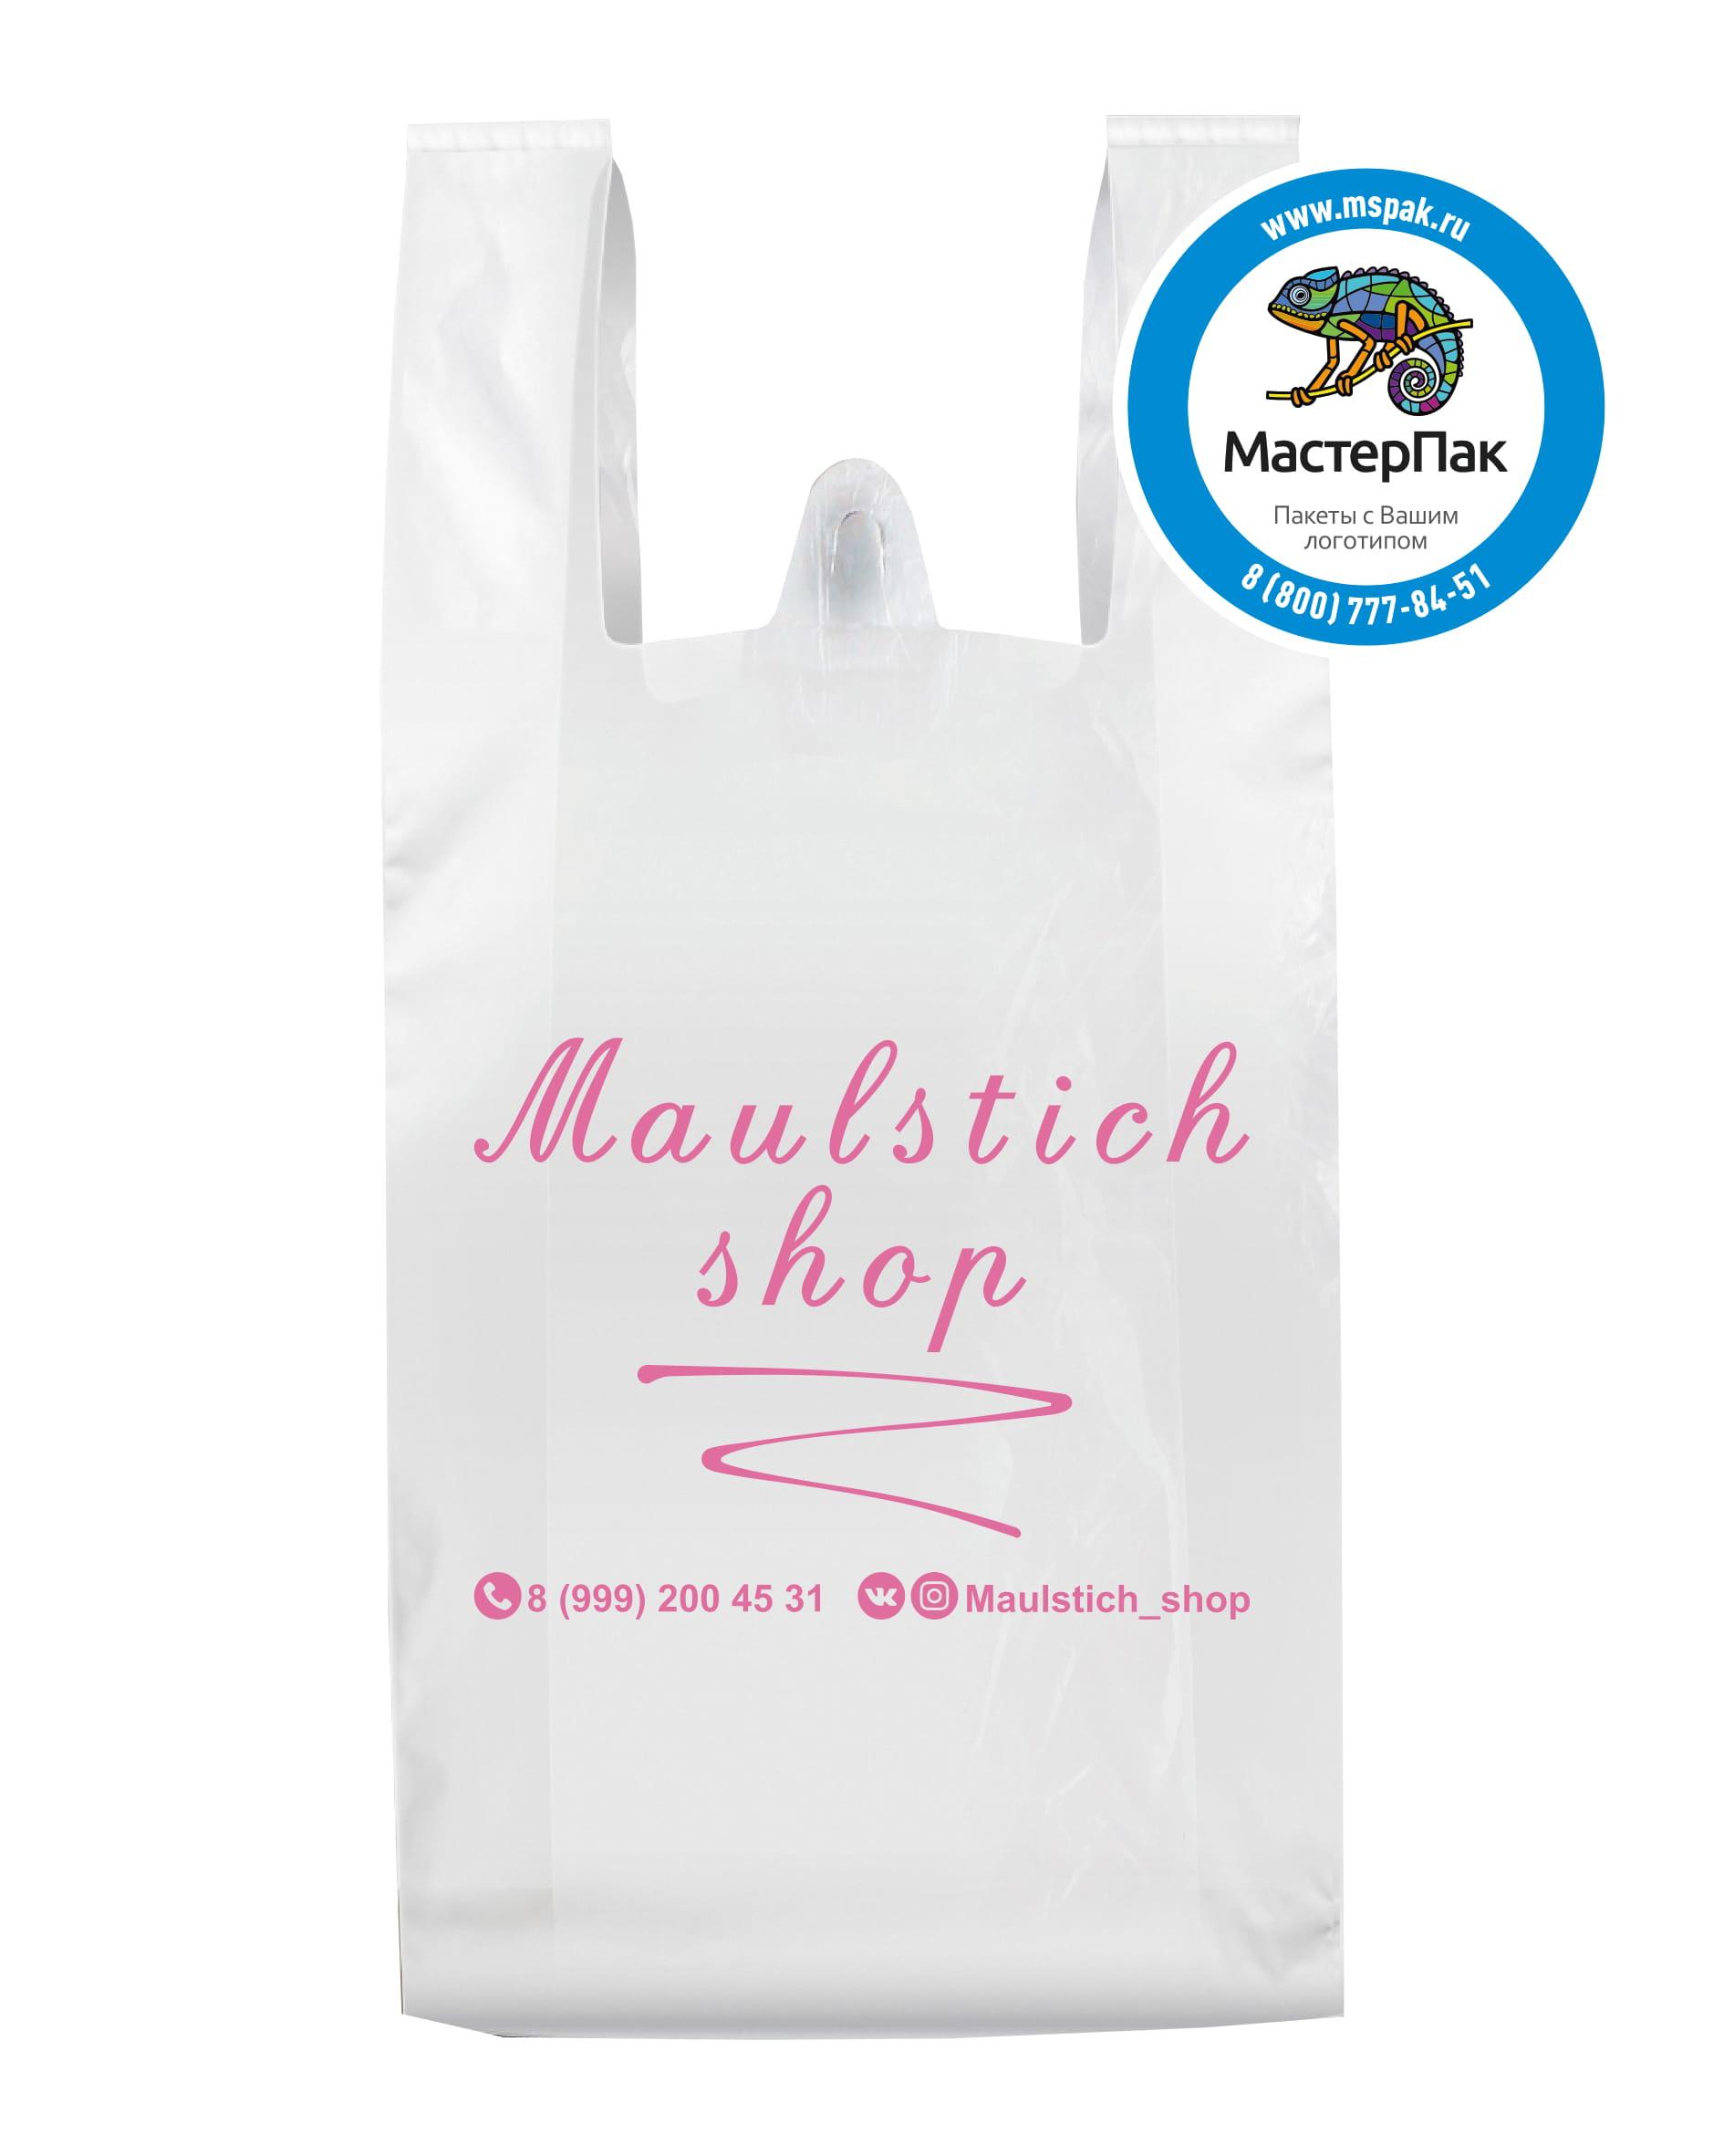 Пакет-майка ПНД с логотипом Maulstich shop, 40*60, 23 мкм